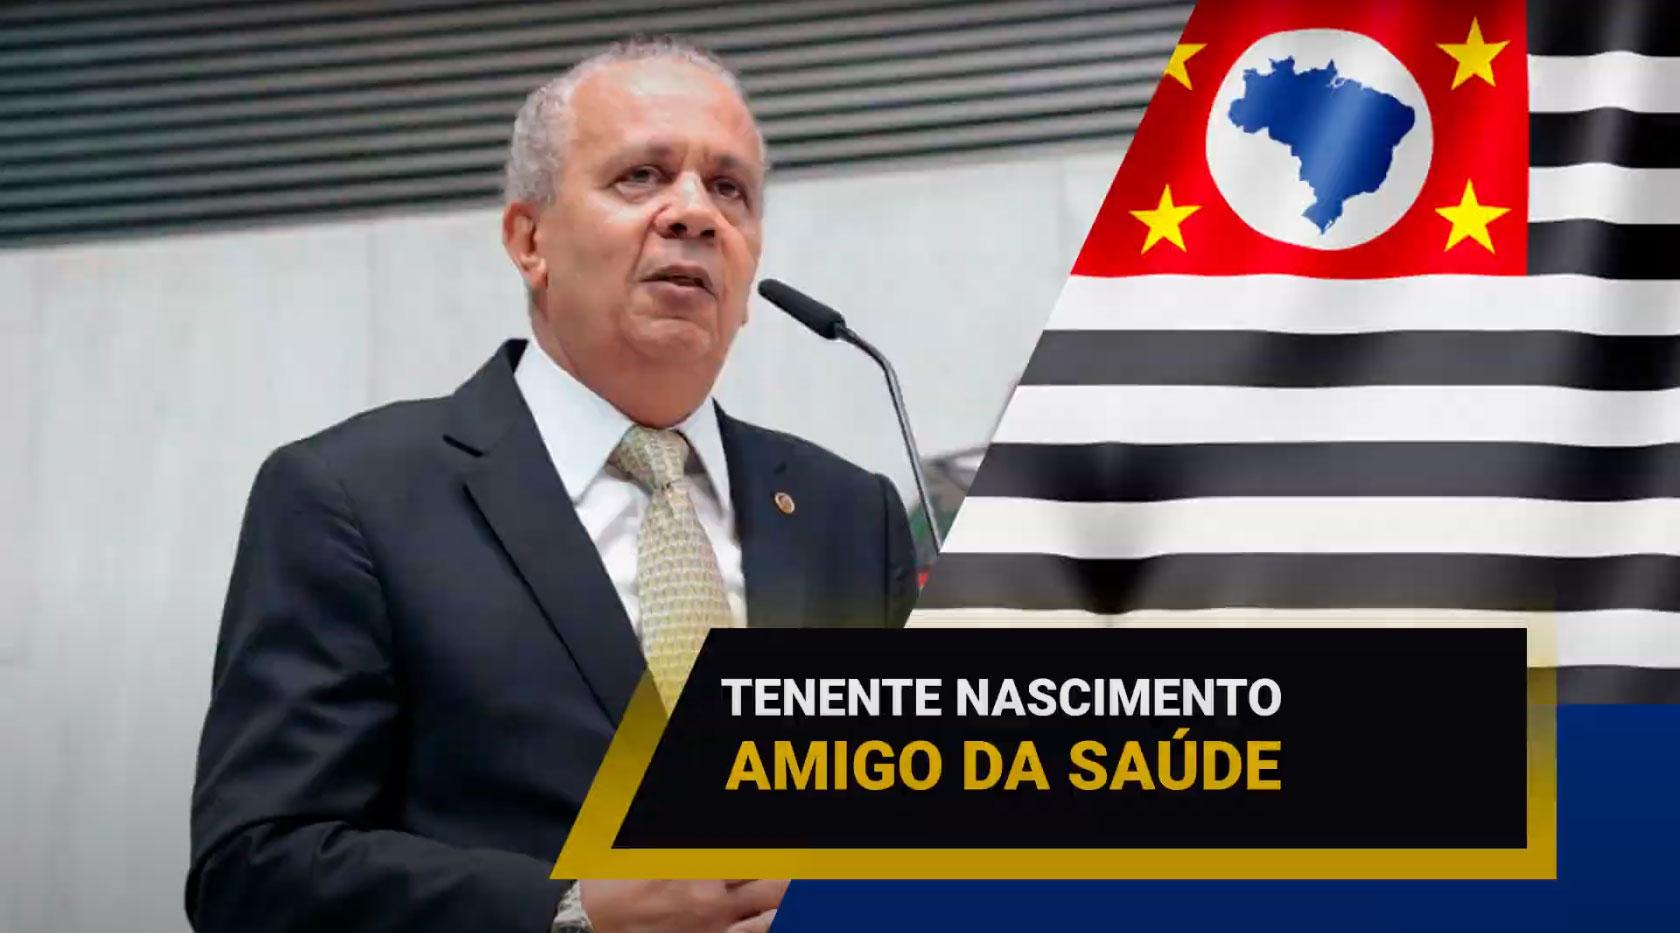 deputado-estadual-tenente-nascimento-e-amigo-da-saude - Acao Comunicativa